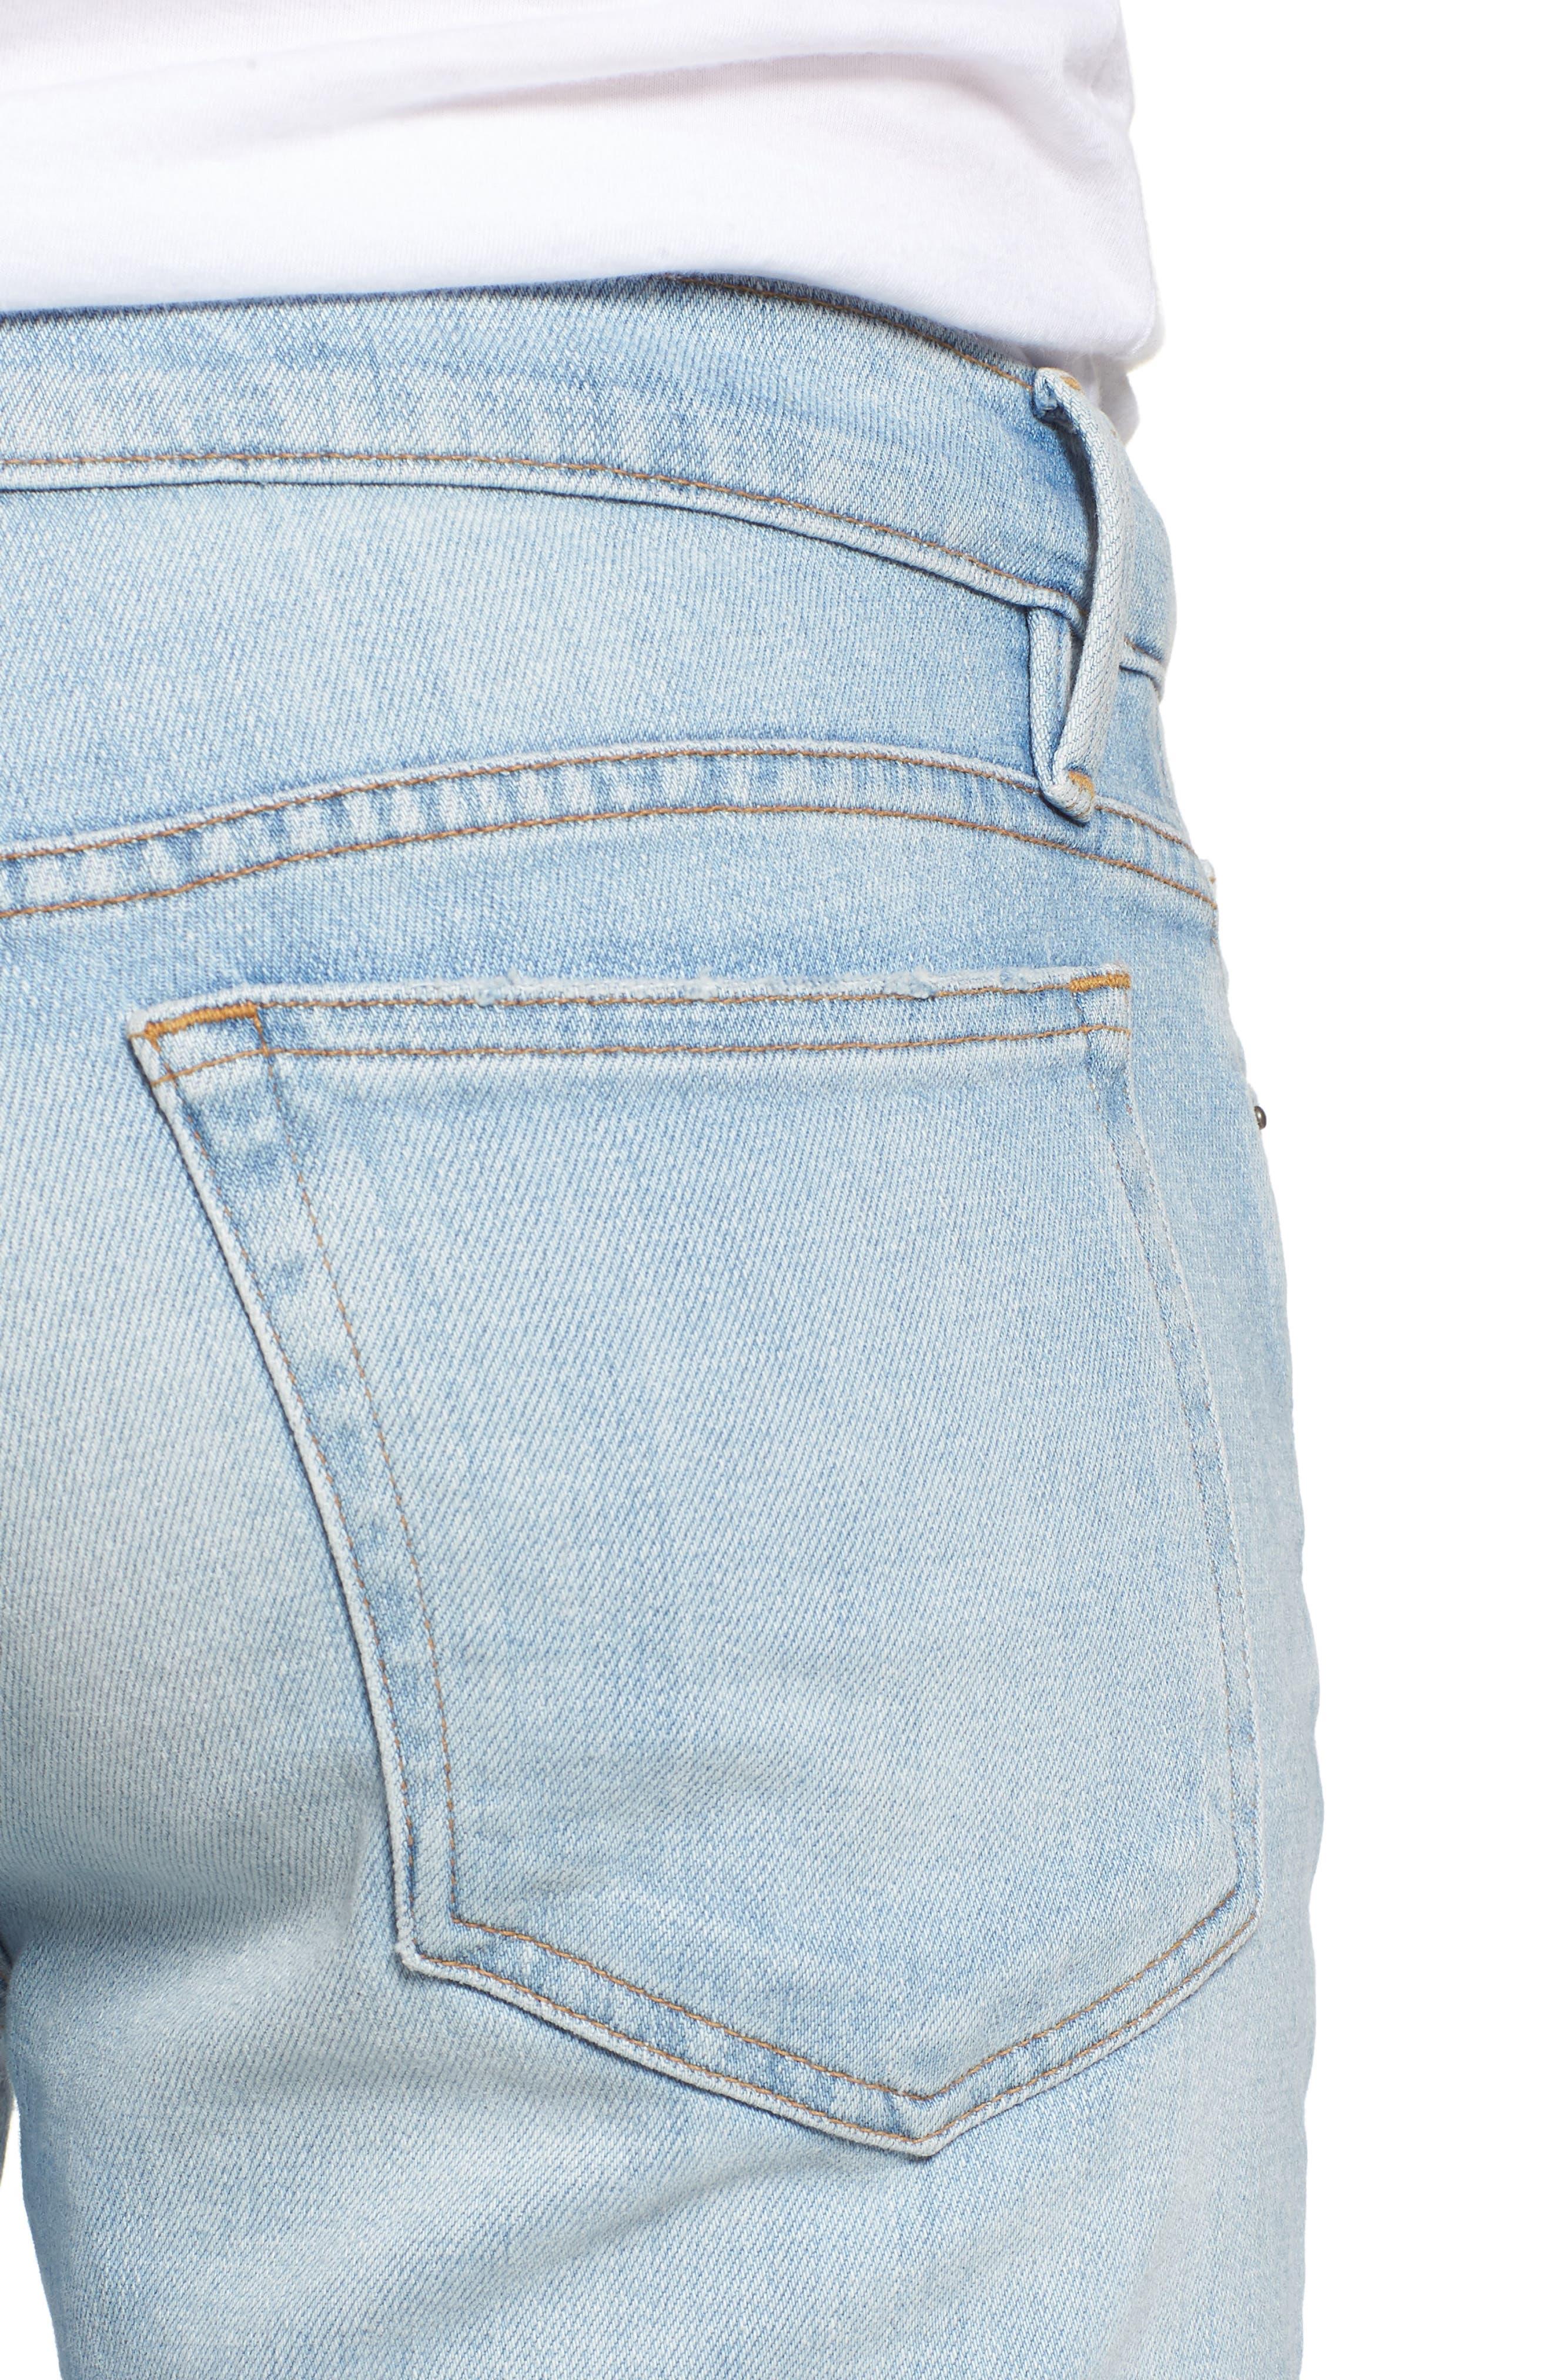 L'Homme Straight Leg Jeans,                             Alternate thumbnail 4, color,                             Finn